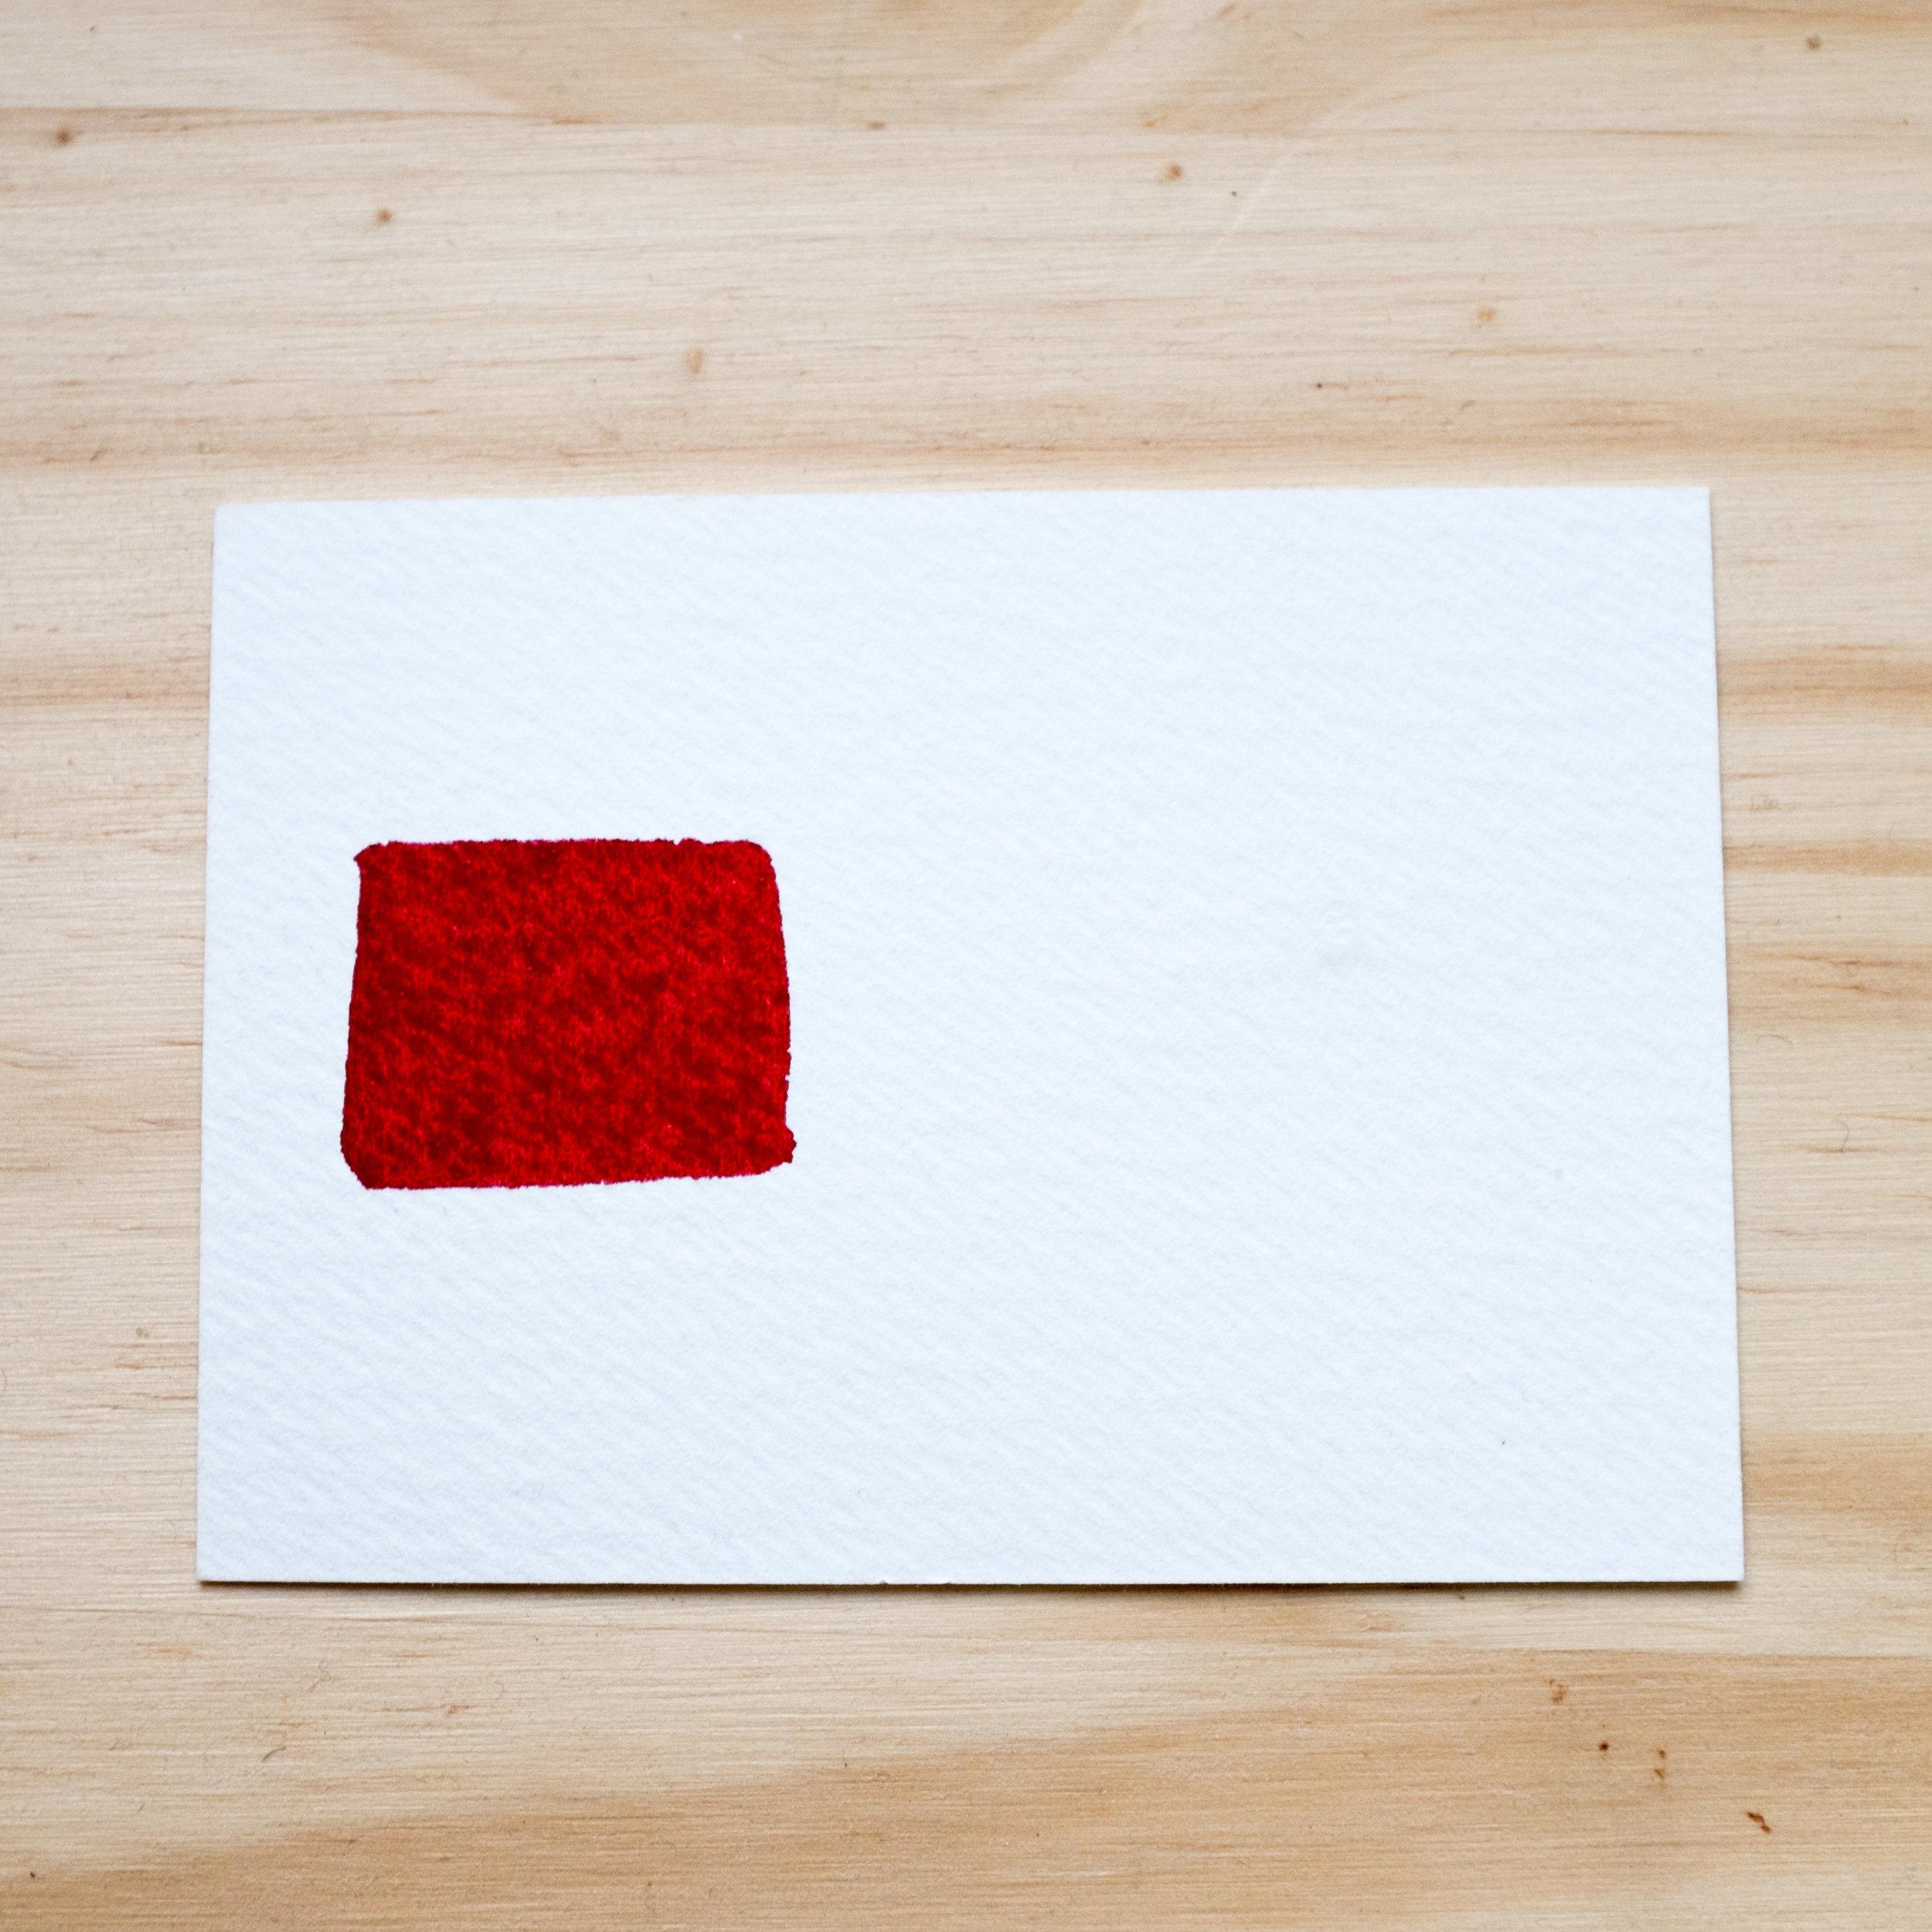 Wet perylene maroon, regular pigment load